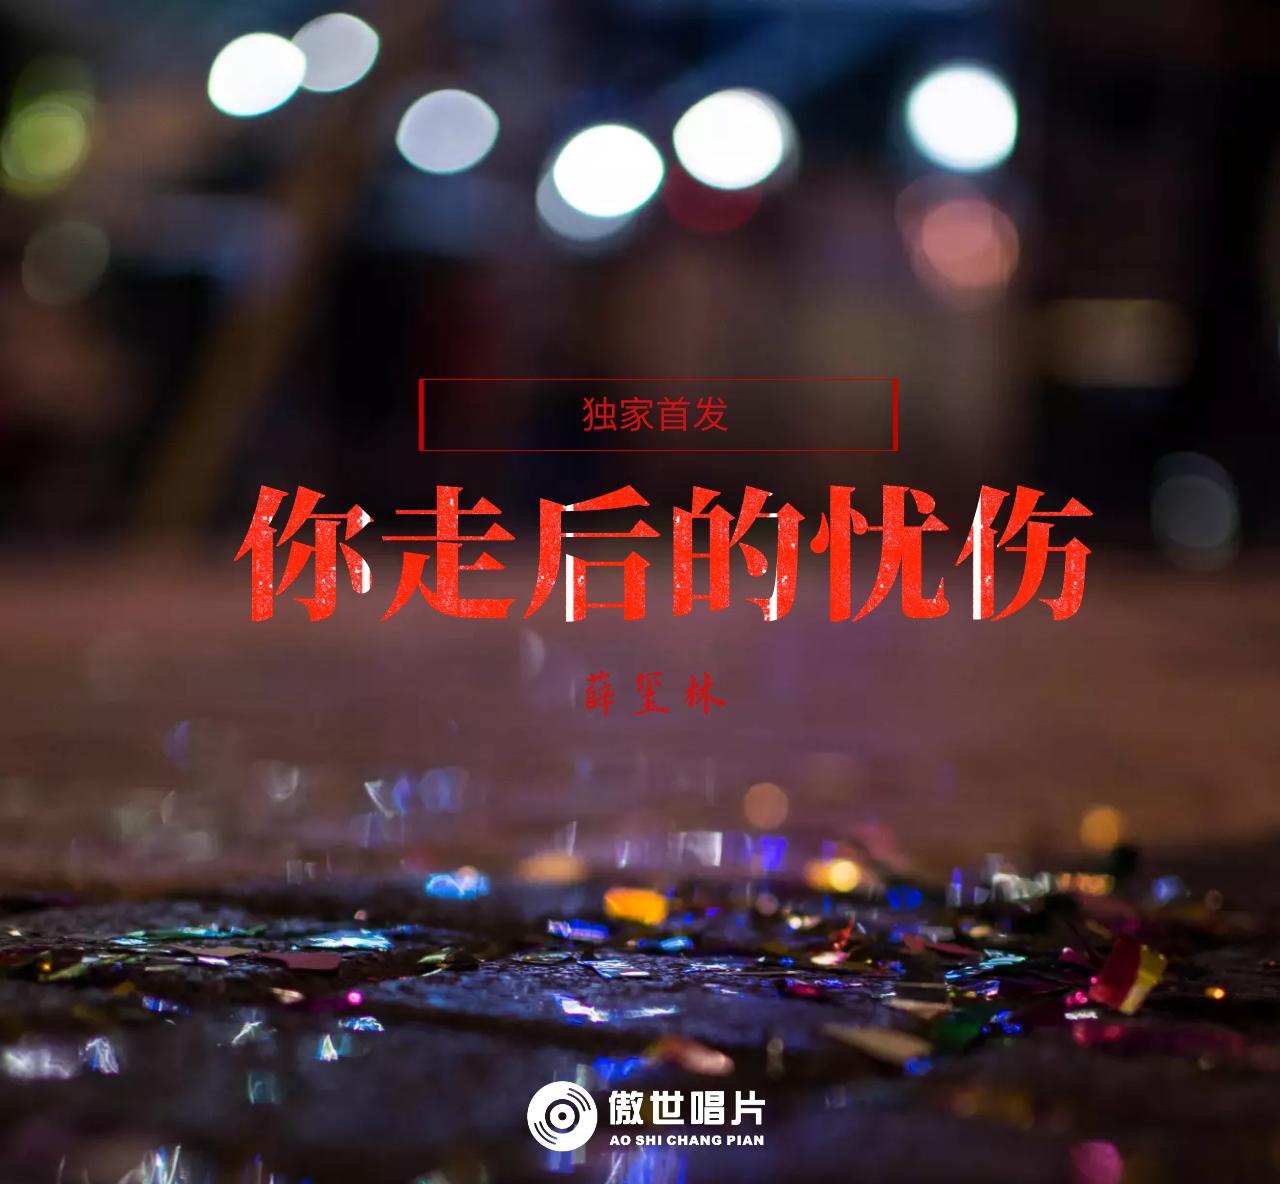 薛玺林《你走后的忧伤》独家首发上线 为公益发声